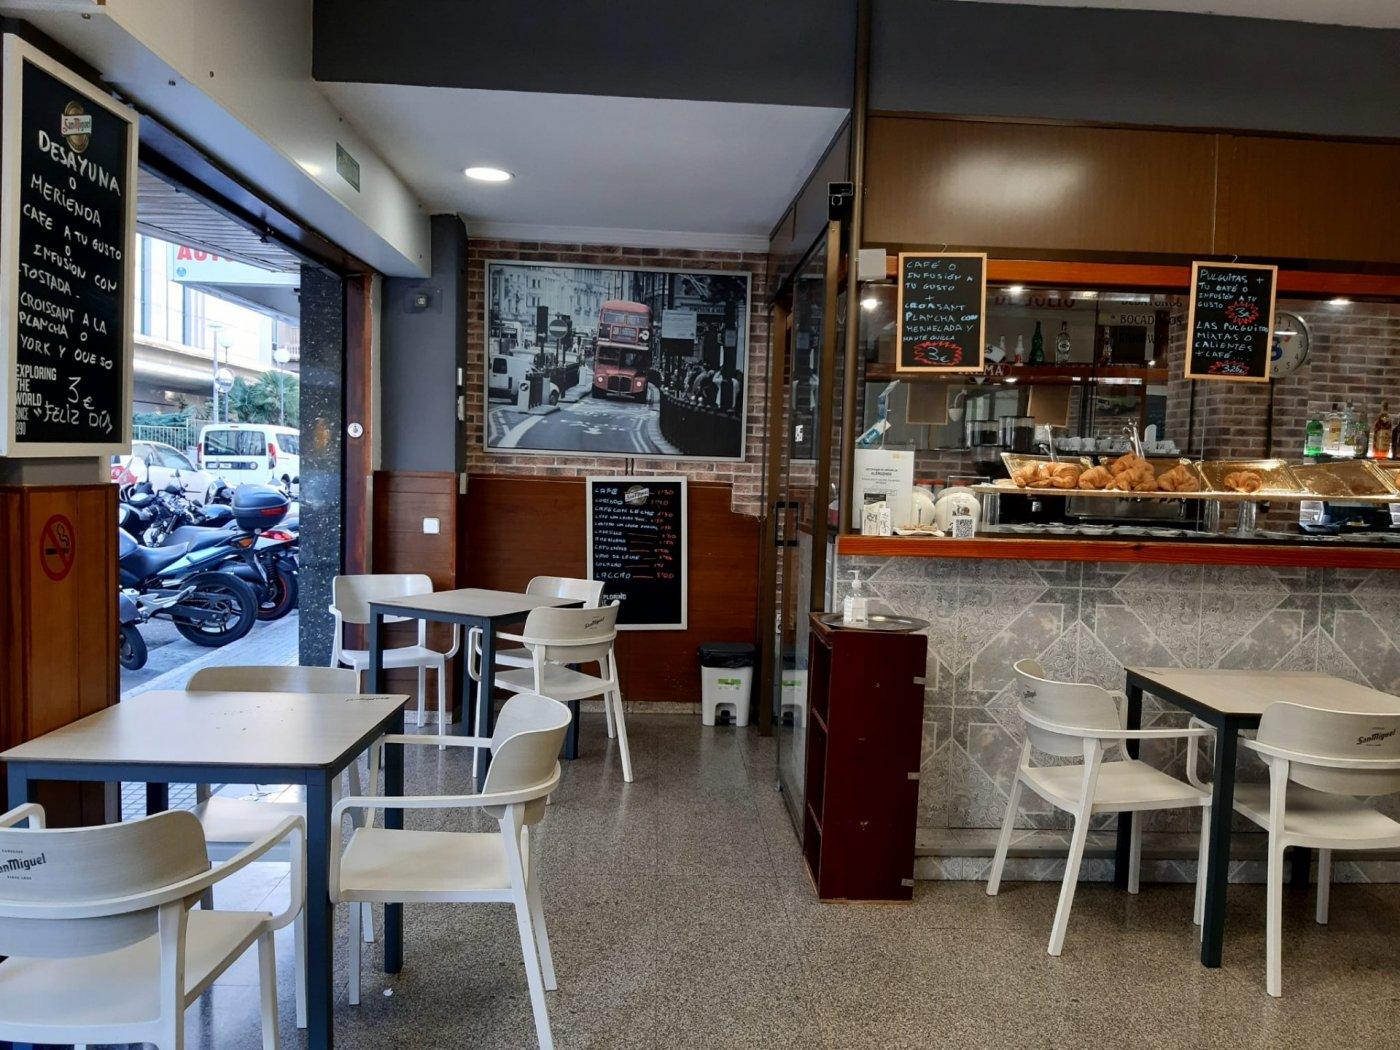 Oportunidad de traspaso de bar en excelente ubicación. centro de palma - imagenInmueble11